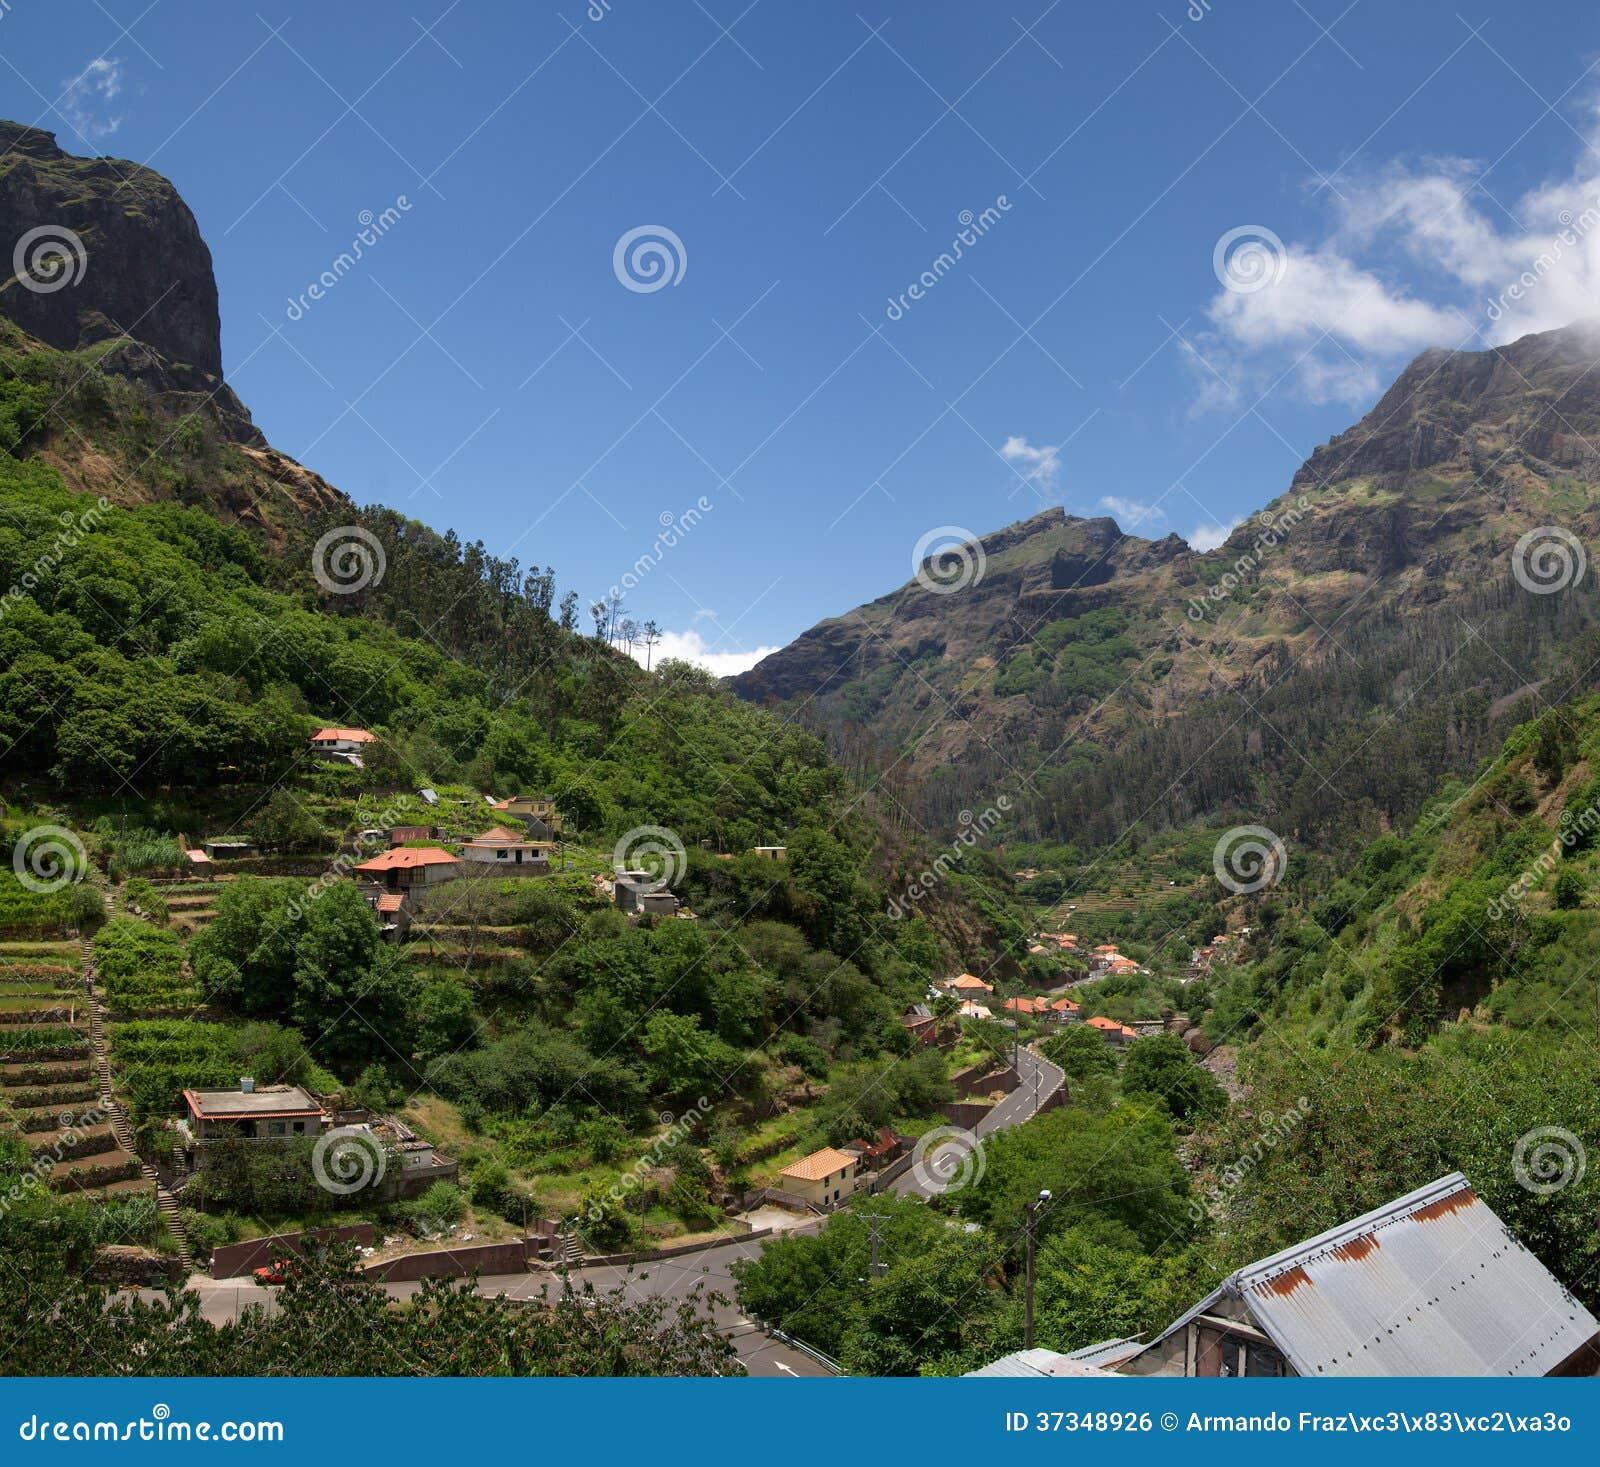 Vallée de Curral DAS Freiras, Madère